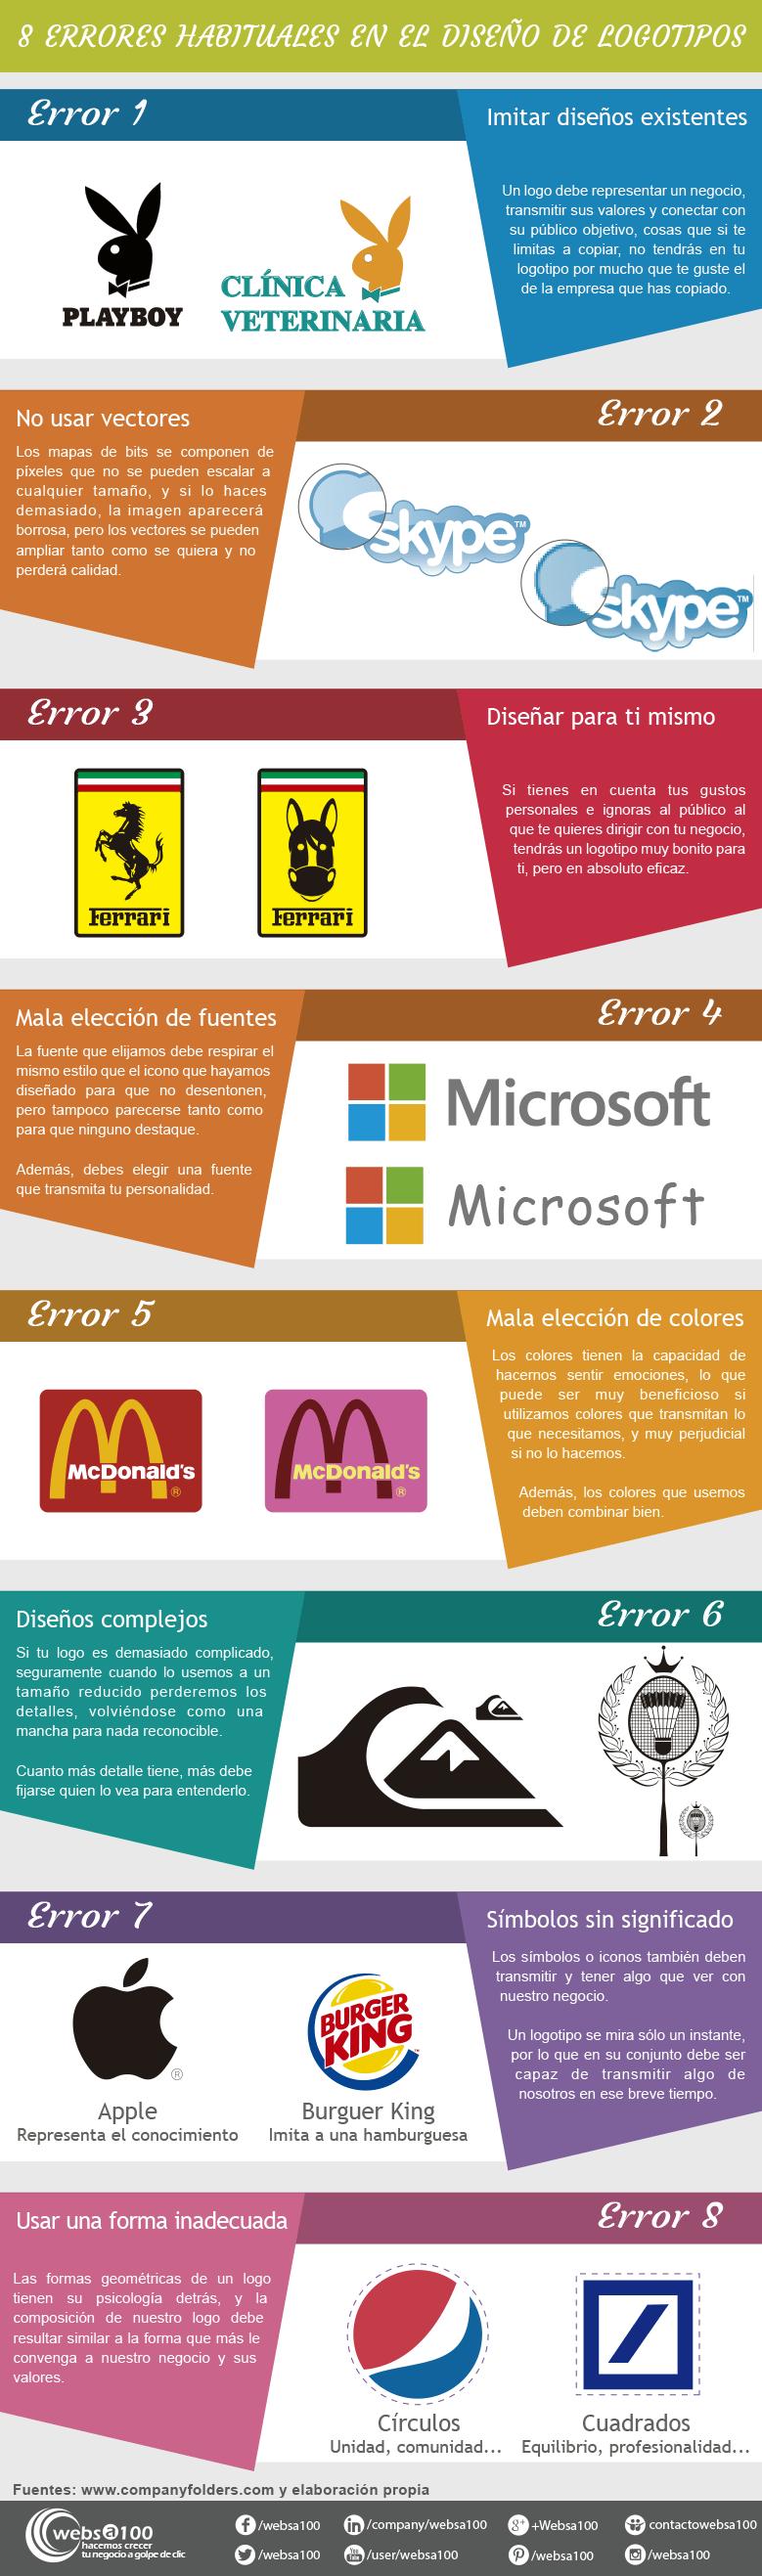 Infografía con errores en el diseño de logotipos